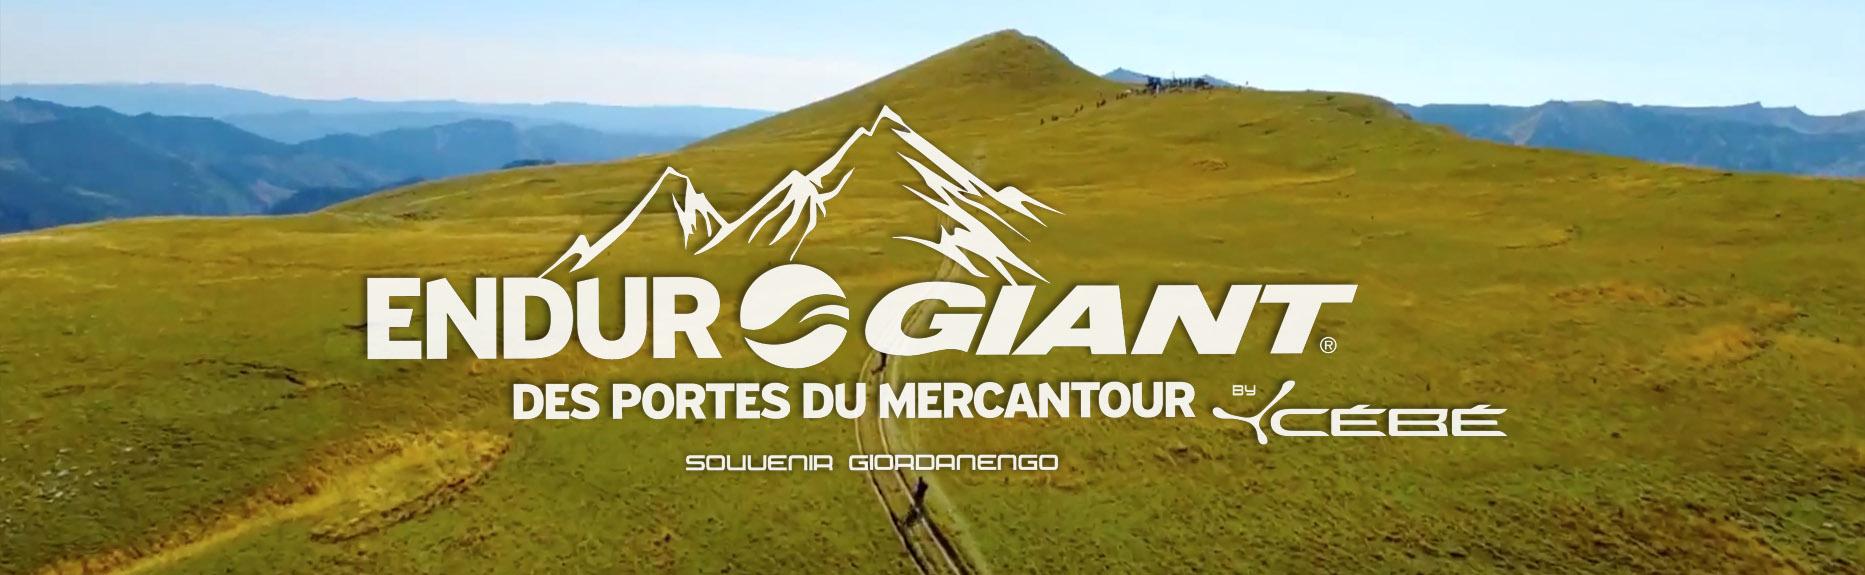 Le film de l'Enduro Giant des Portes du Mercantour 2015